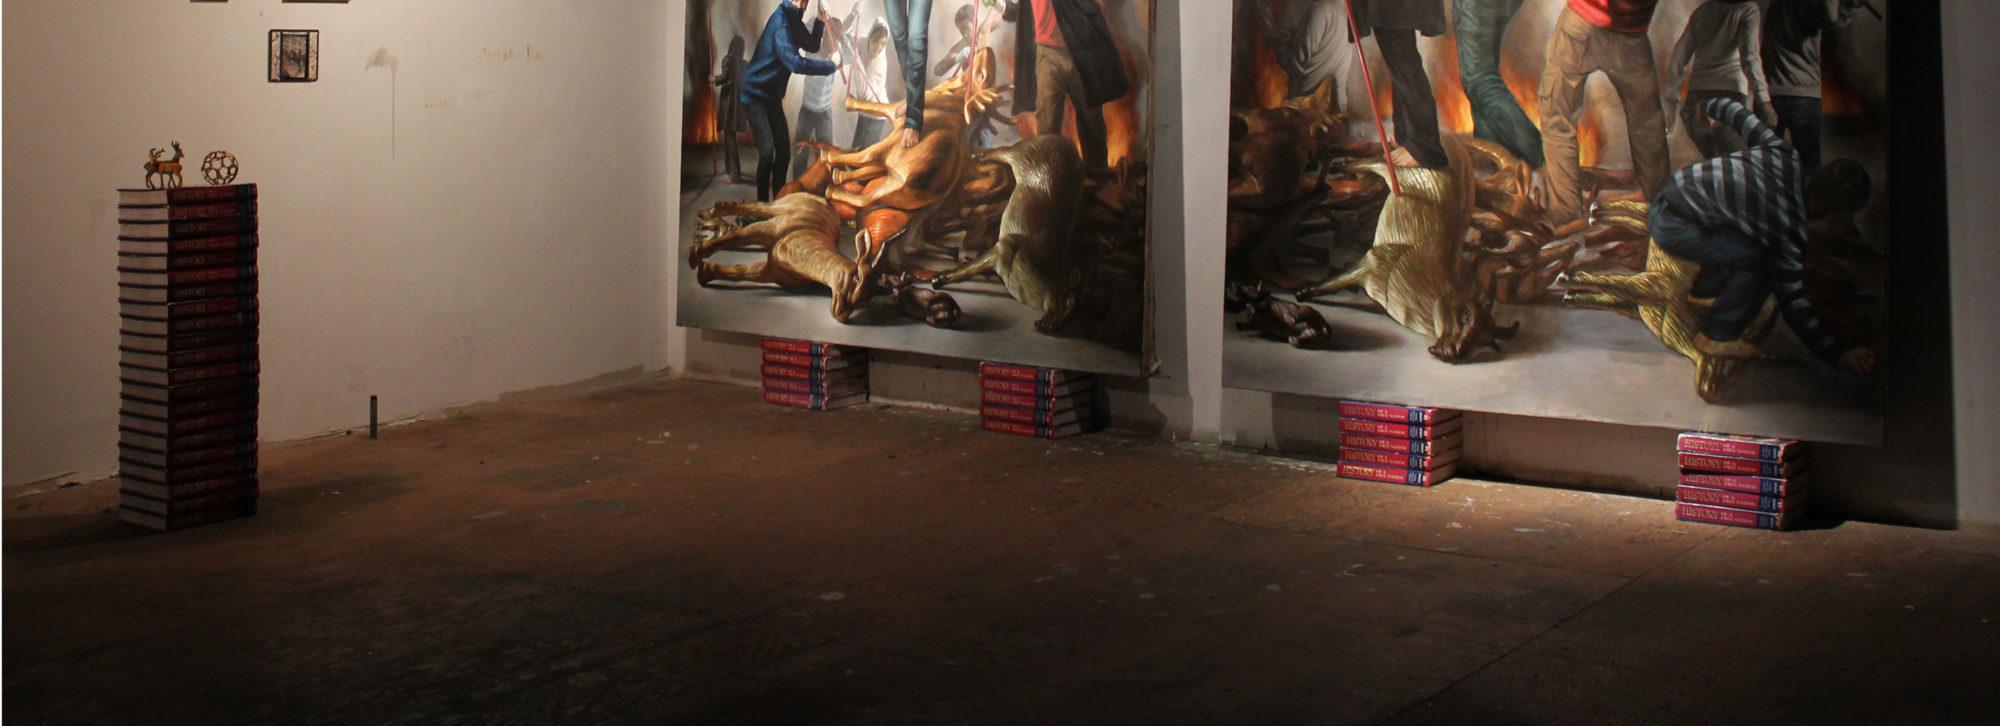 AVVAC , Artistes Visuals de València, Alacant i Castelló - Jesus Herrera